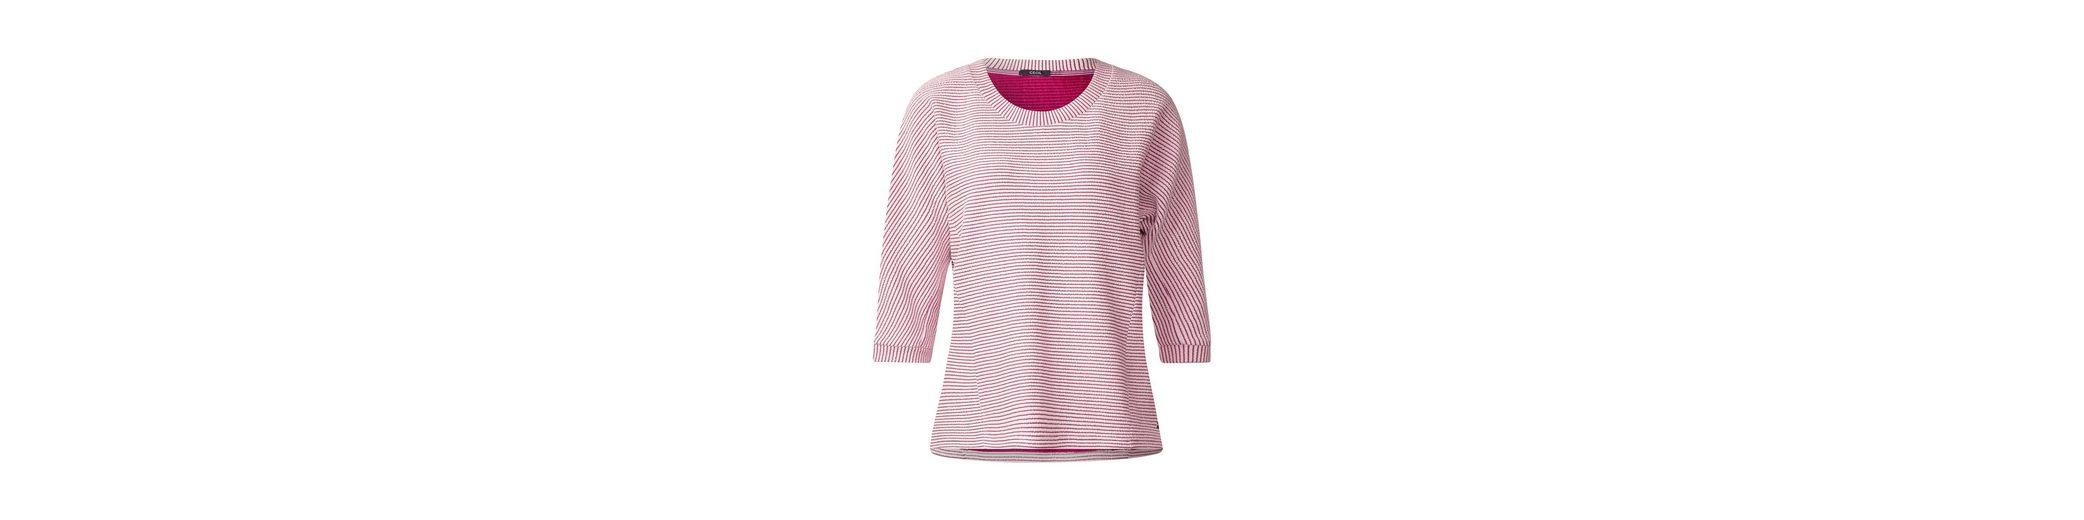 Freies Verschiffen 2018 CECIL Struktur Sweatshirt Beliebt Verkaufsstelle Verkauf Komfortabel 1YqHS